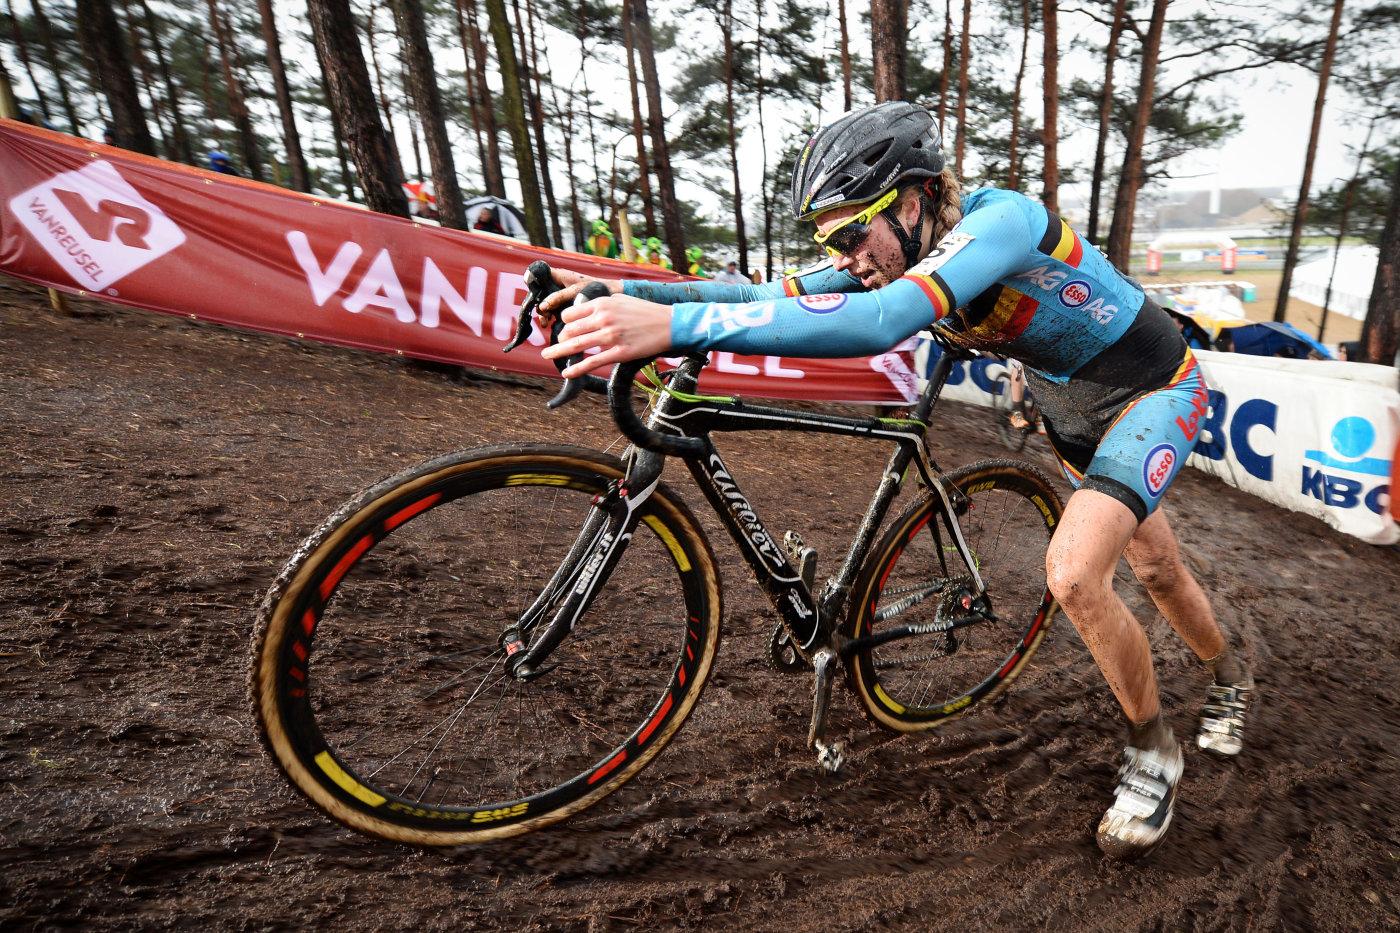 Известную спортсменку, в велосипеде которой нашли скрытый электромотор, дисквалифицировали на шесть лет - 2